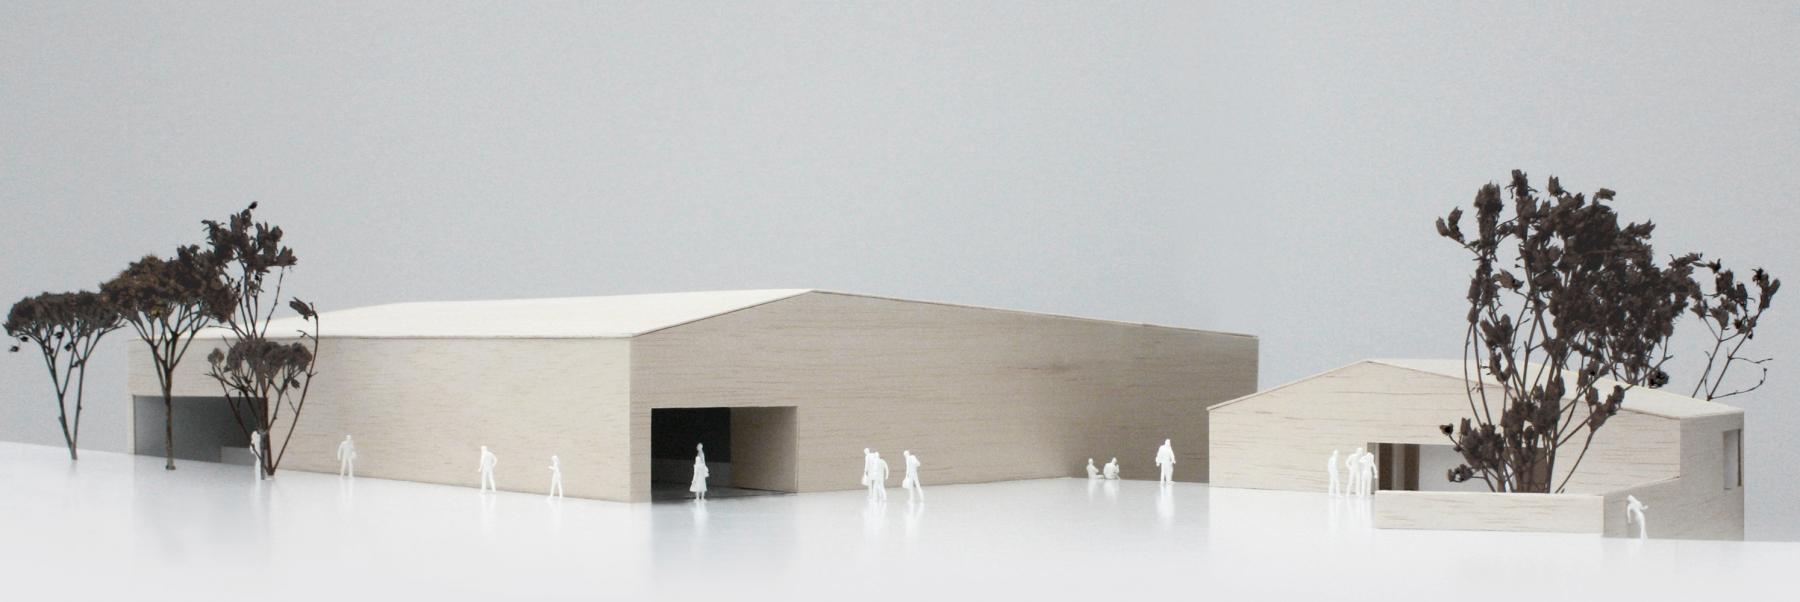 Nouvelle salle polyvalente, Bevaix, Yann Petter, ON S'ETAIT DIT RENDEZ-VOUS